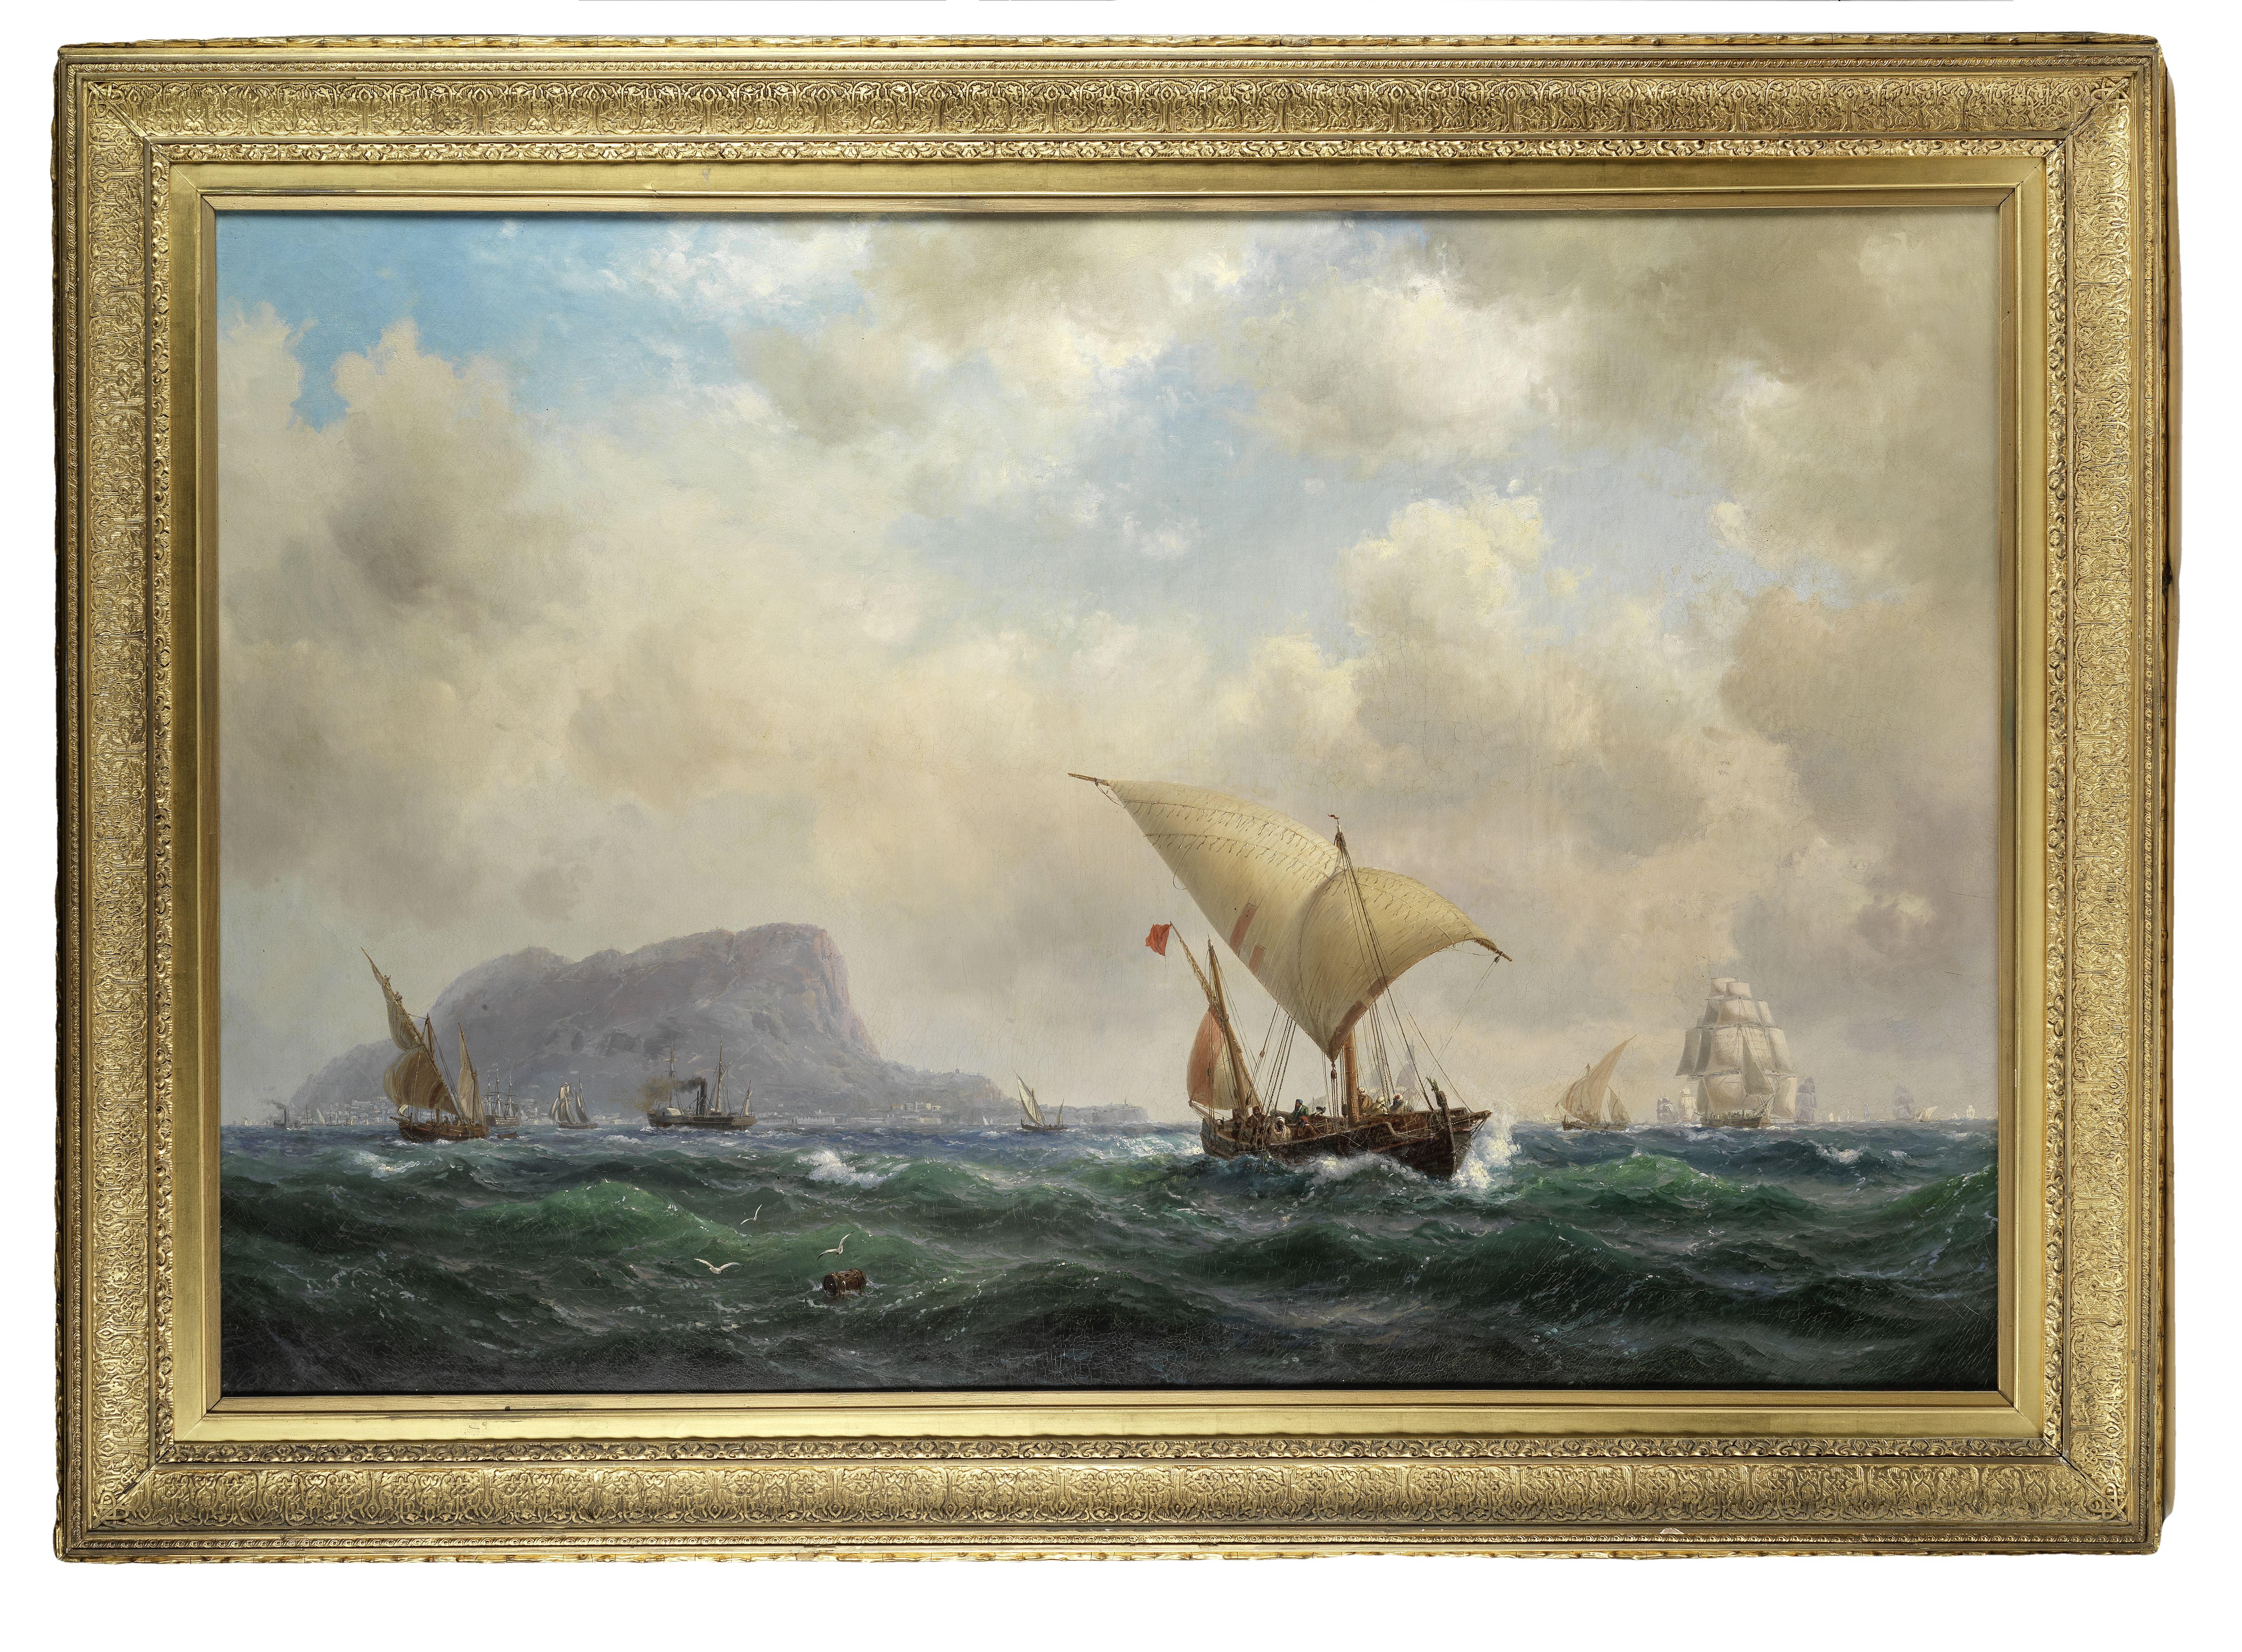 Vilhelm Melbye (Danish, 1824-1882) Shipping off Gibraltar